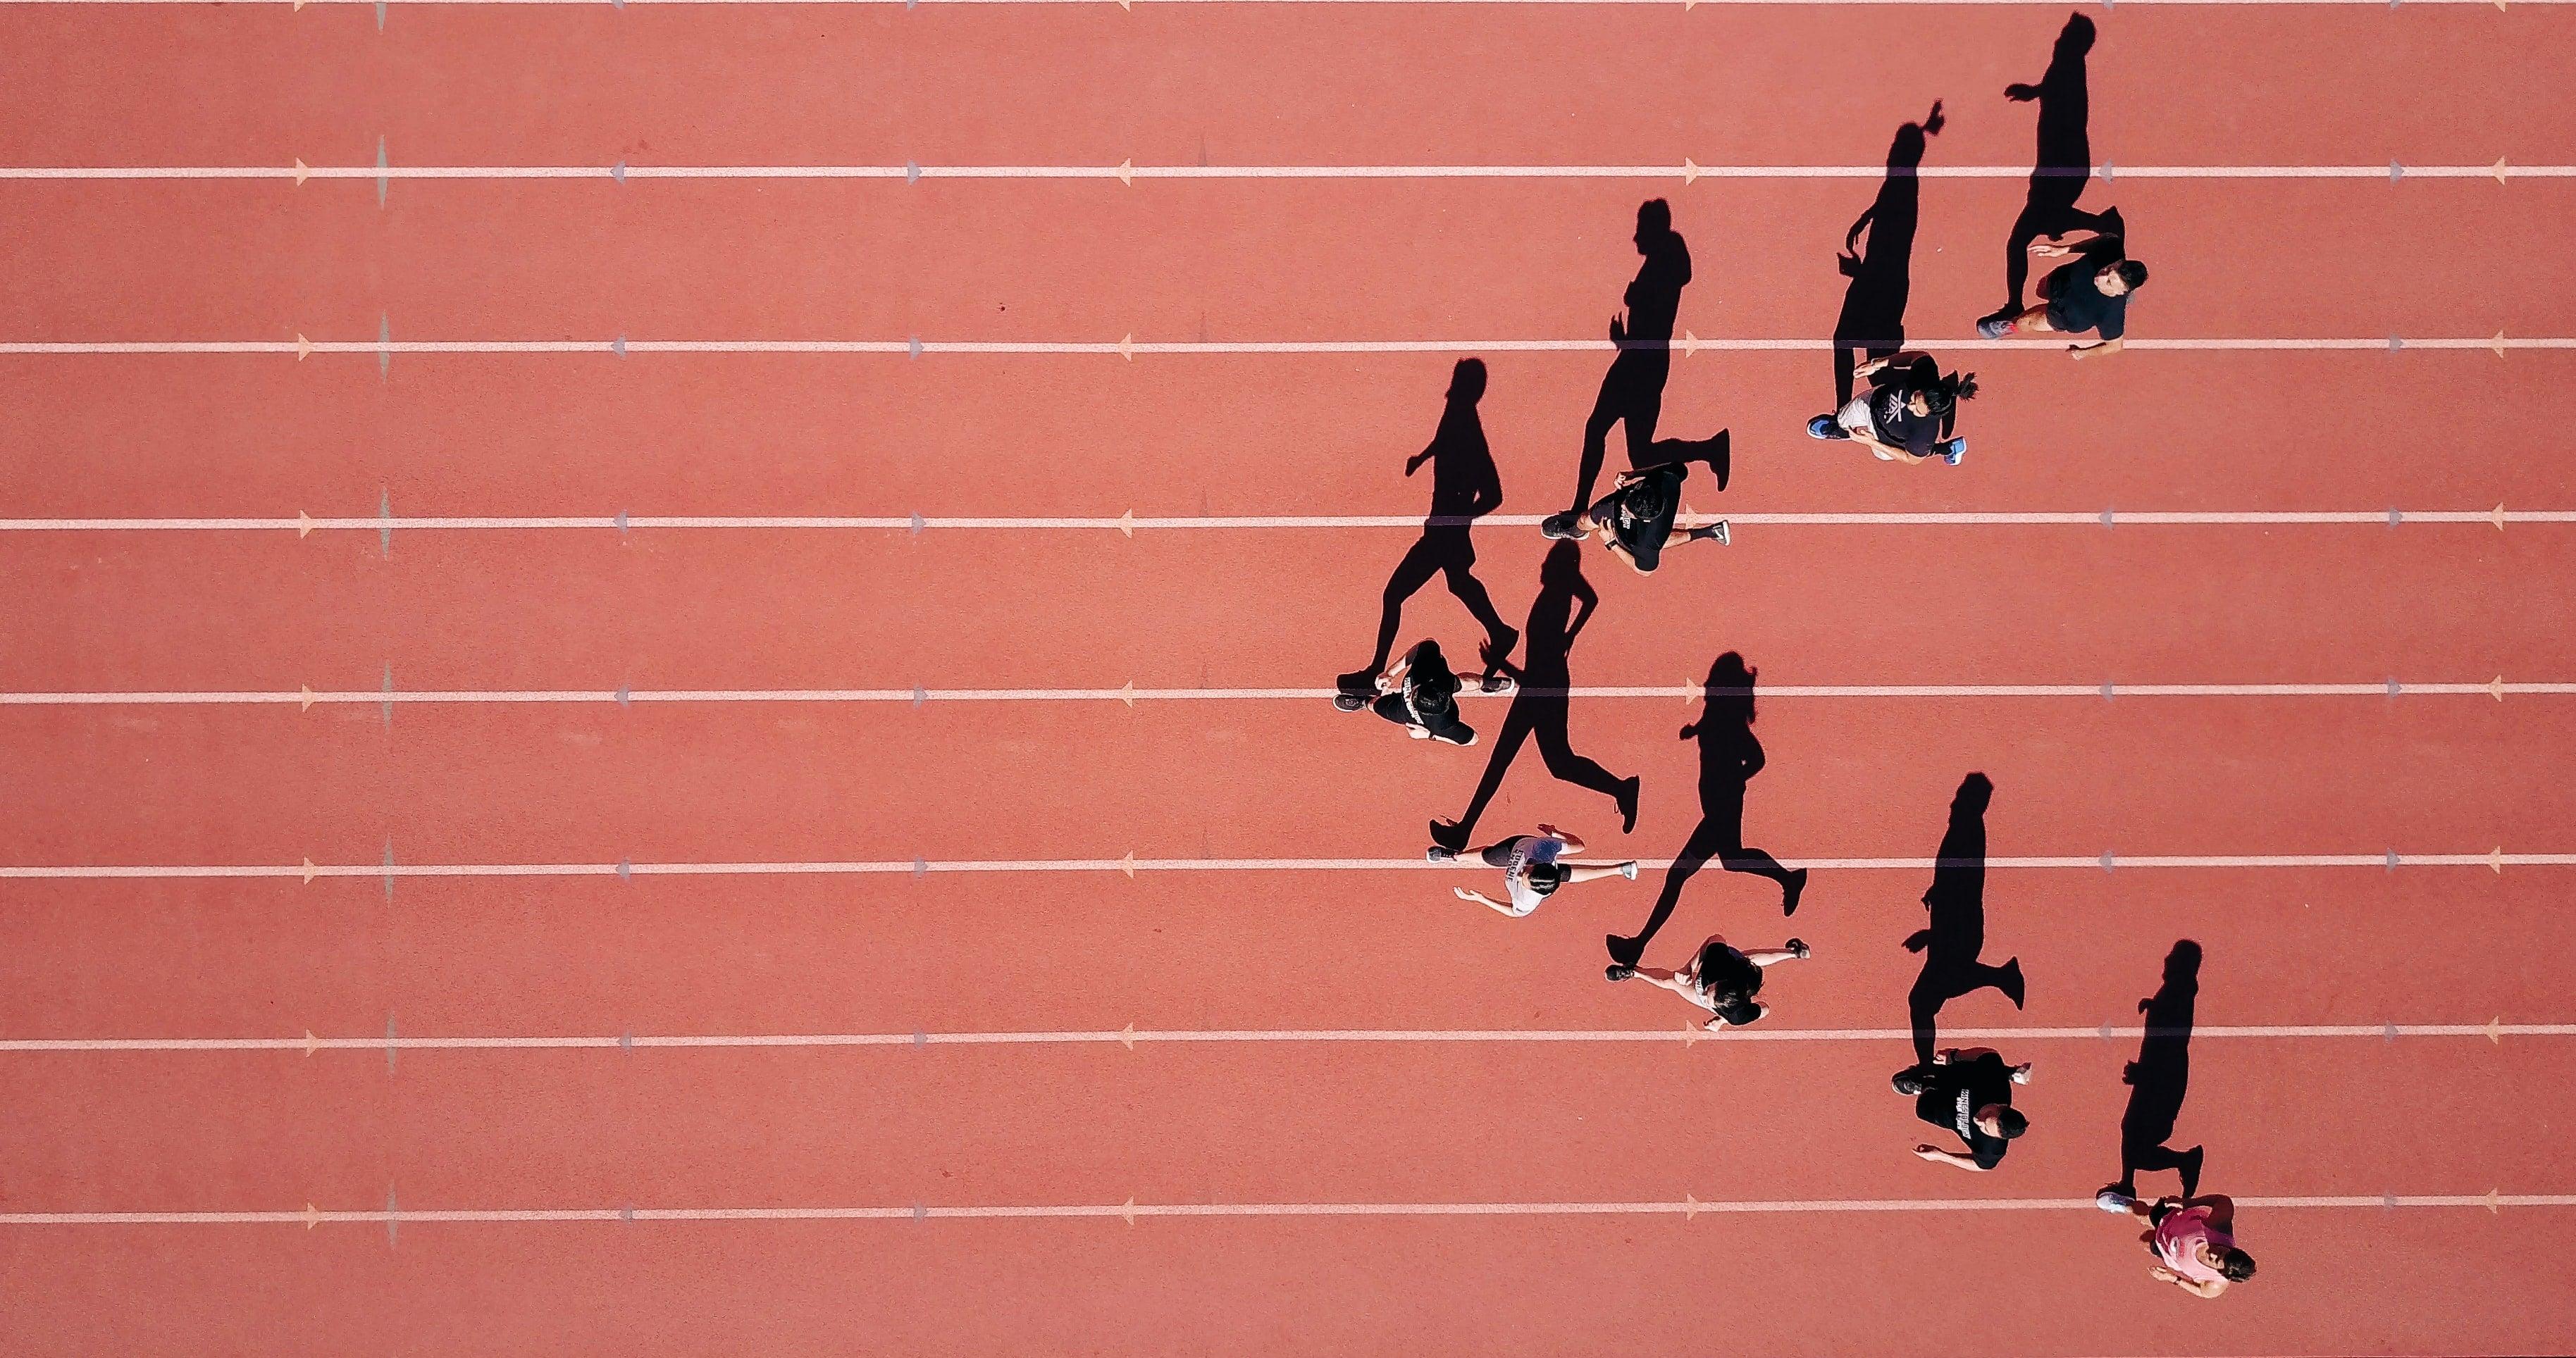 Track runners in V shape